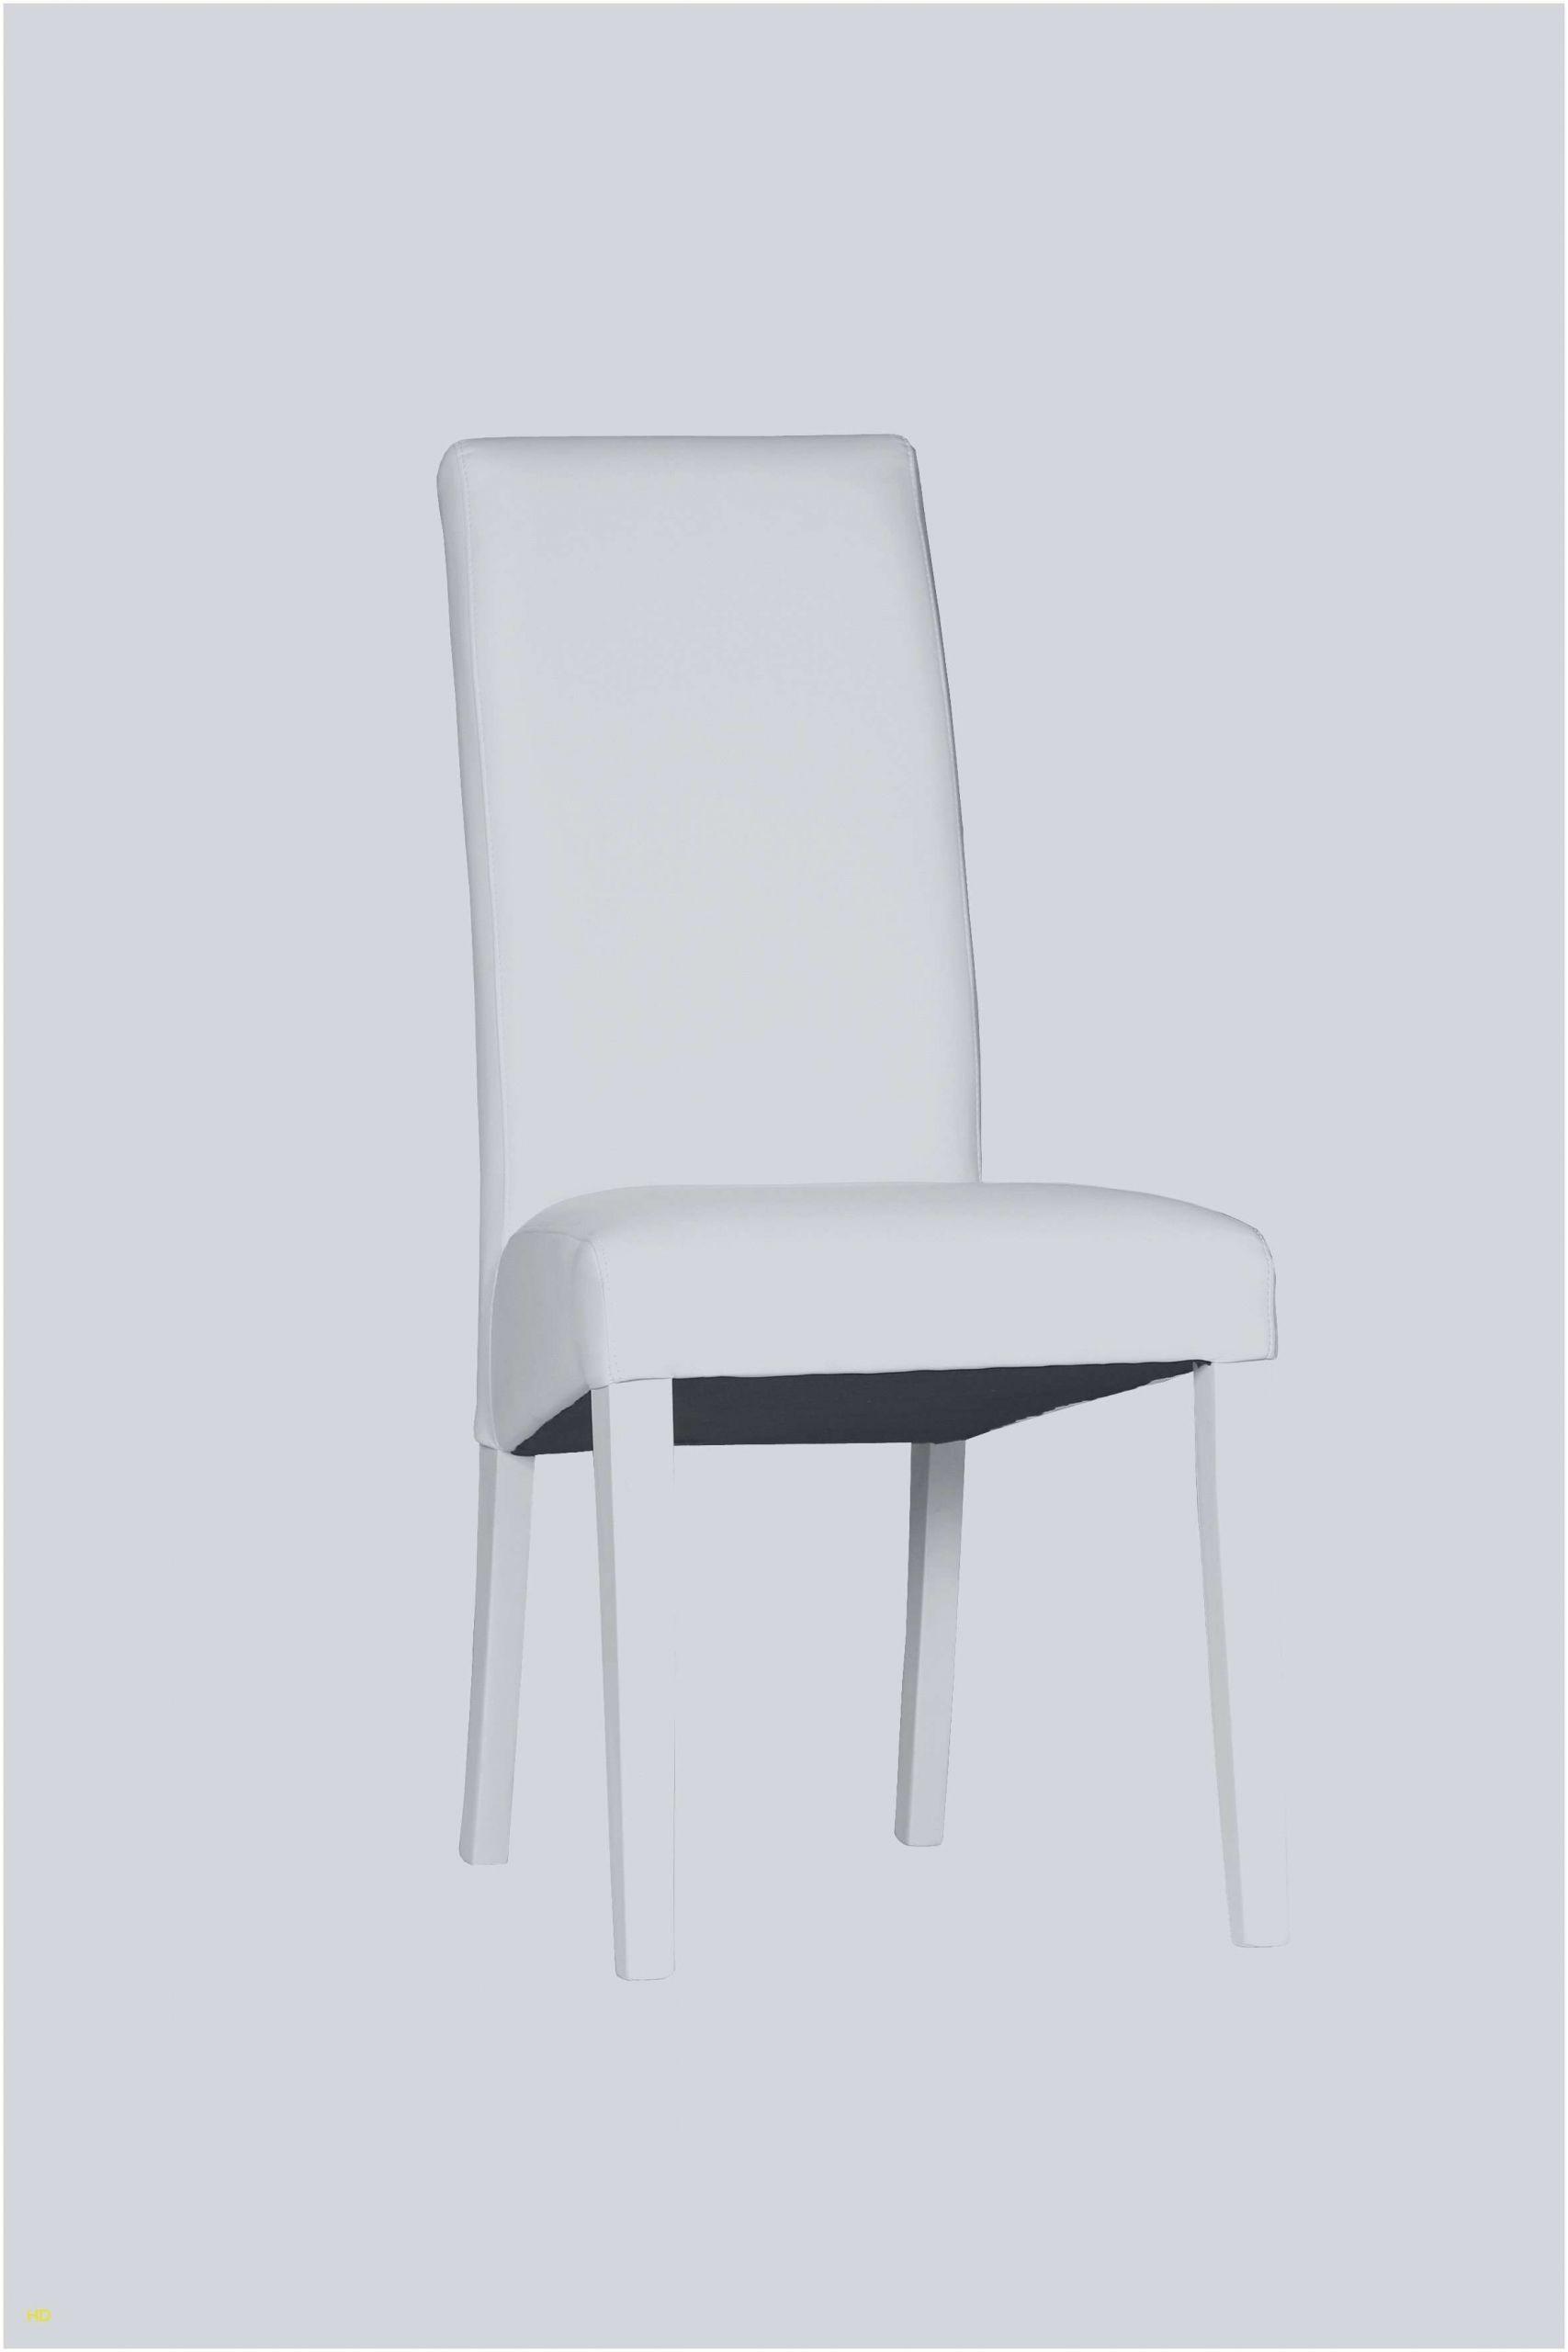 fauteuil ikea jaune ikea galette de chaise c2a2ec286a chaise noir pas cher elegant chaise blanche 0d le meilleur de ikea galette de chaise galette de chaise ikea